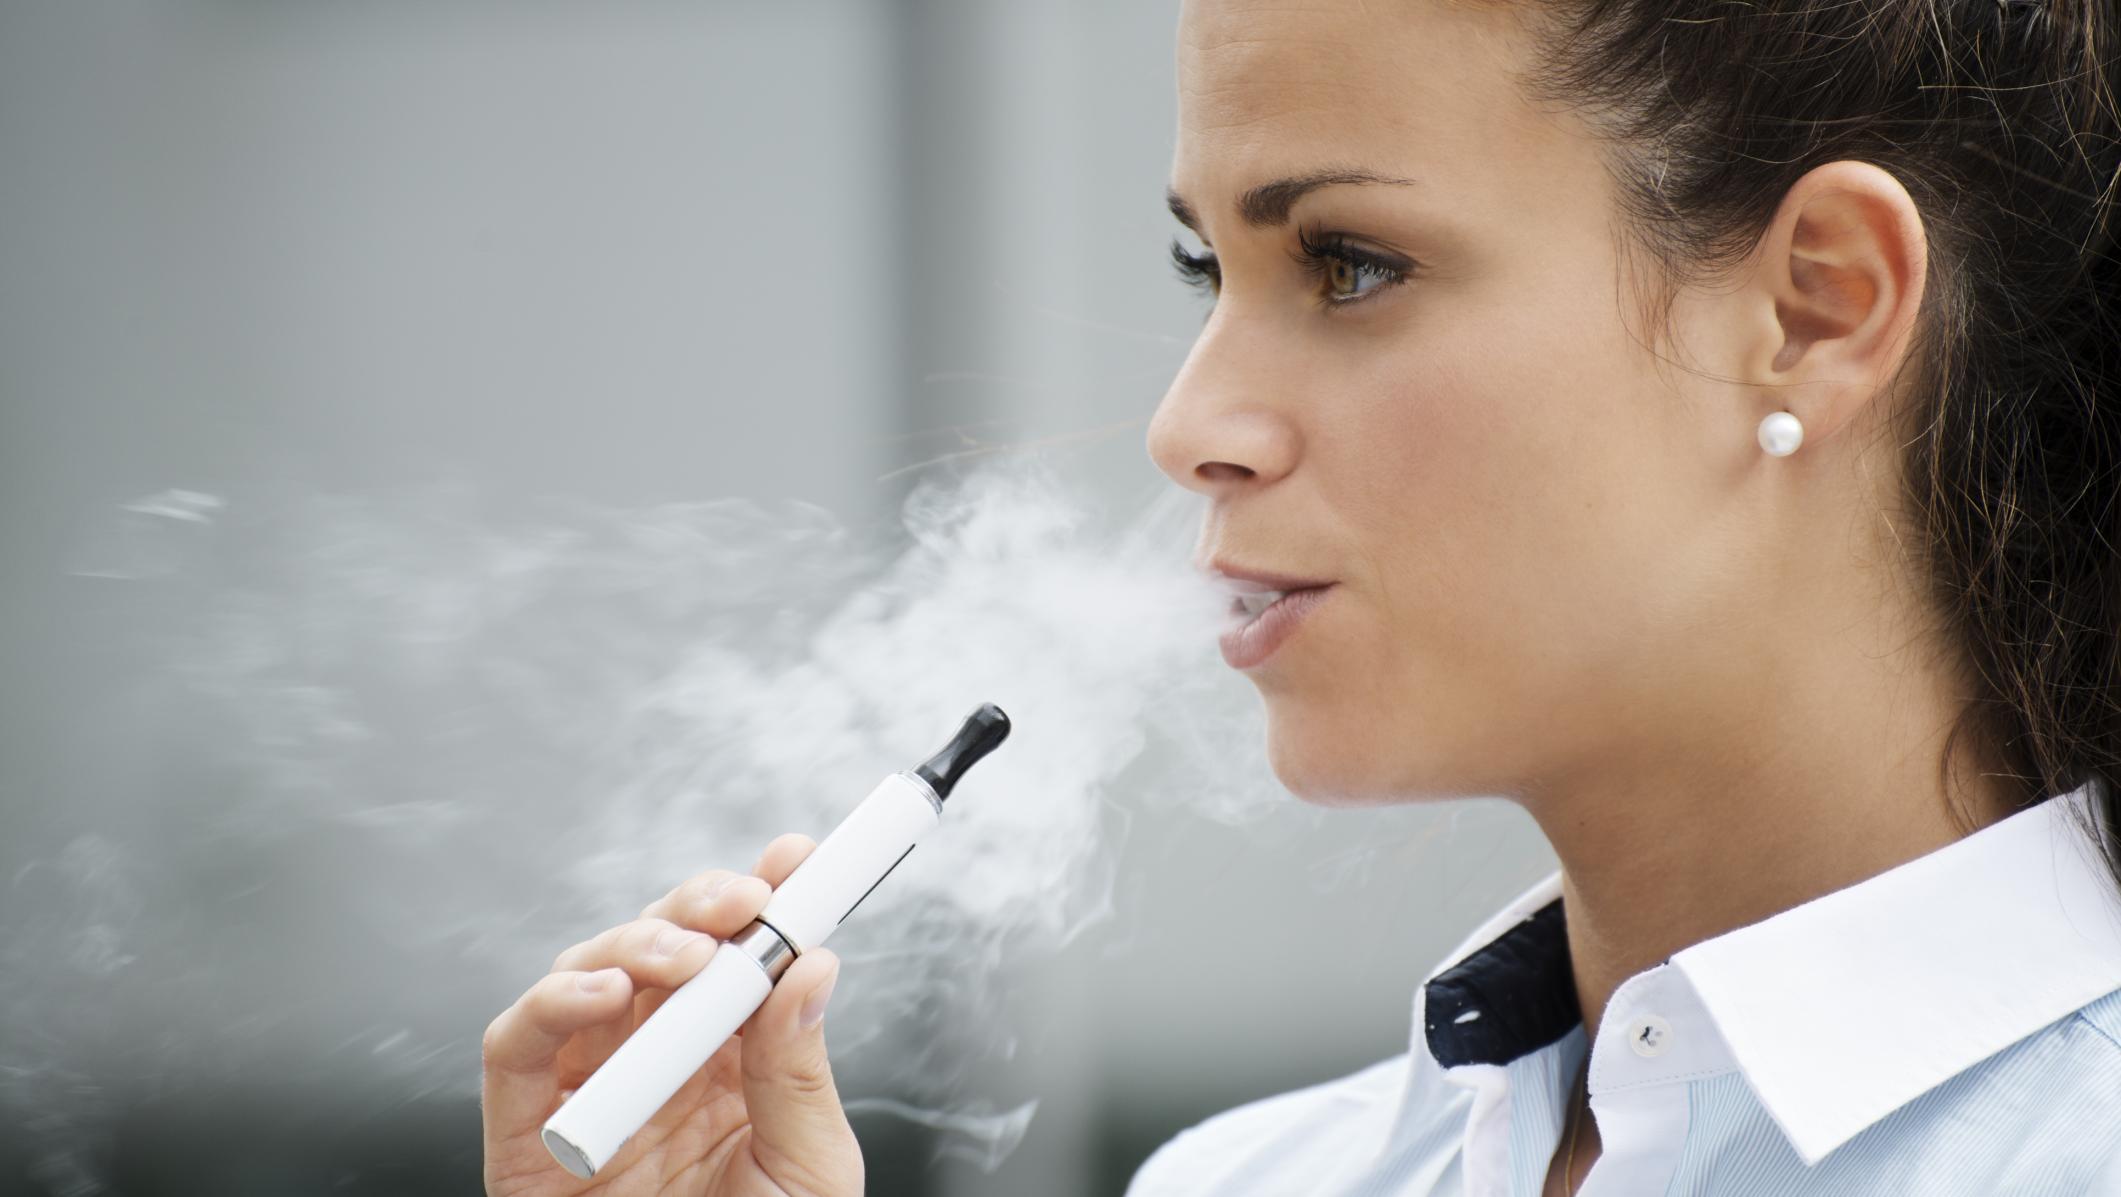 Вся правда об электронных сигаретах – вредны ли или полезны они для организма курильщика Их плюсы и минусы, отзывы